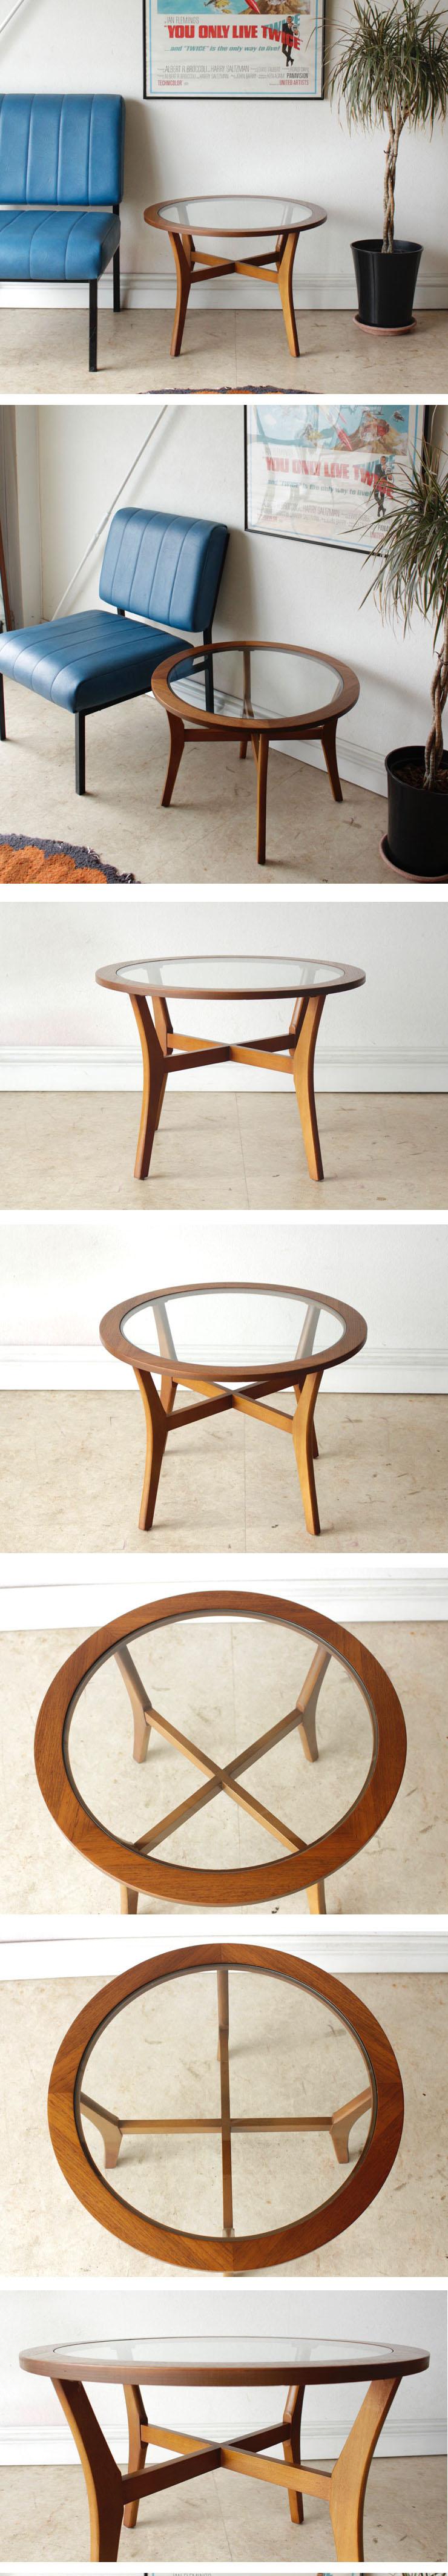 イギリス製・ビンテージ・ガラステーブル・ラウンドテーブル・アンティーク・北欧